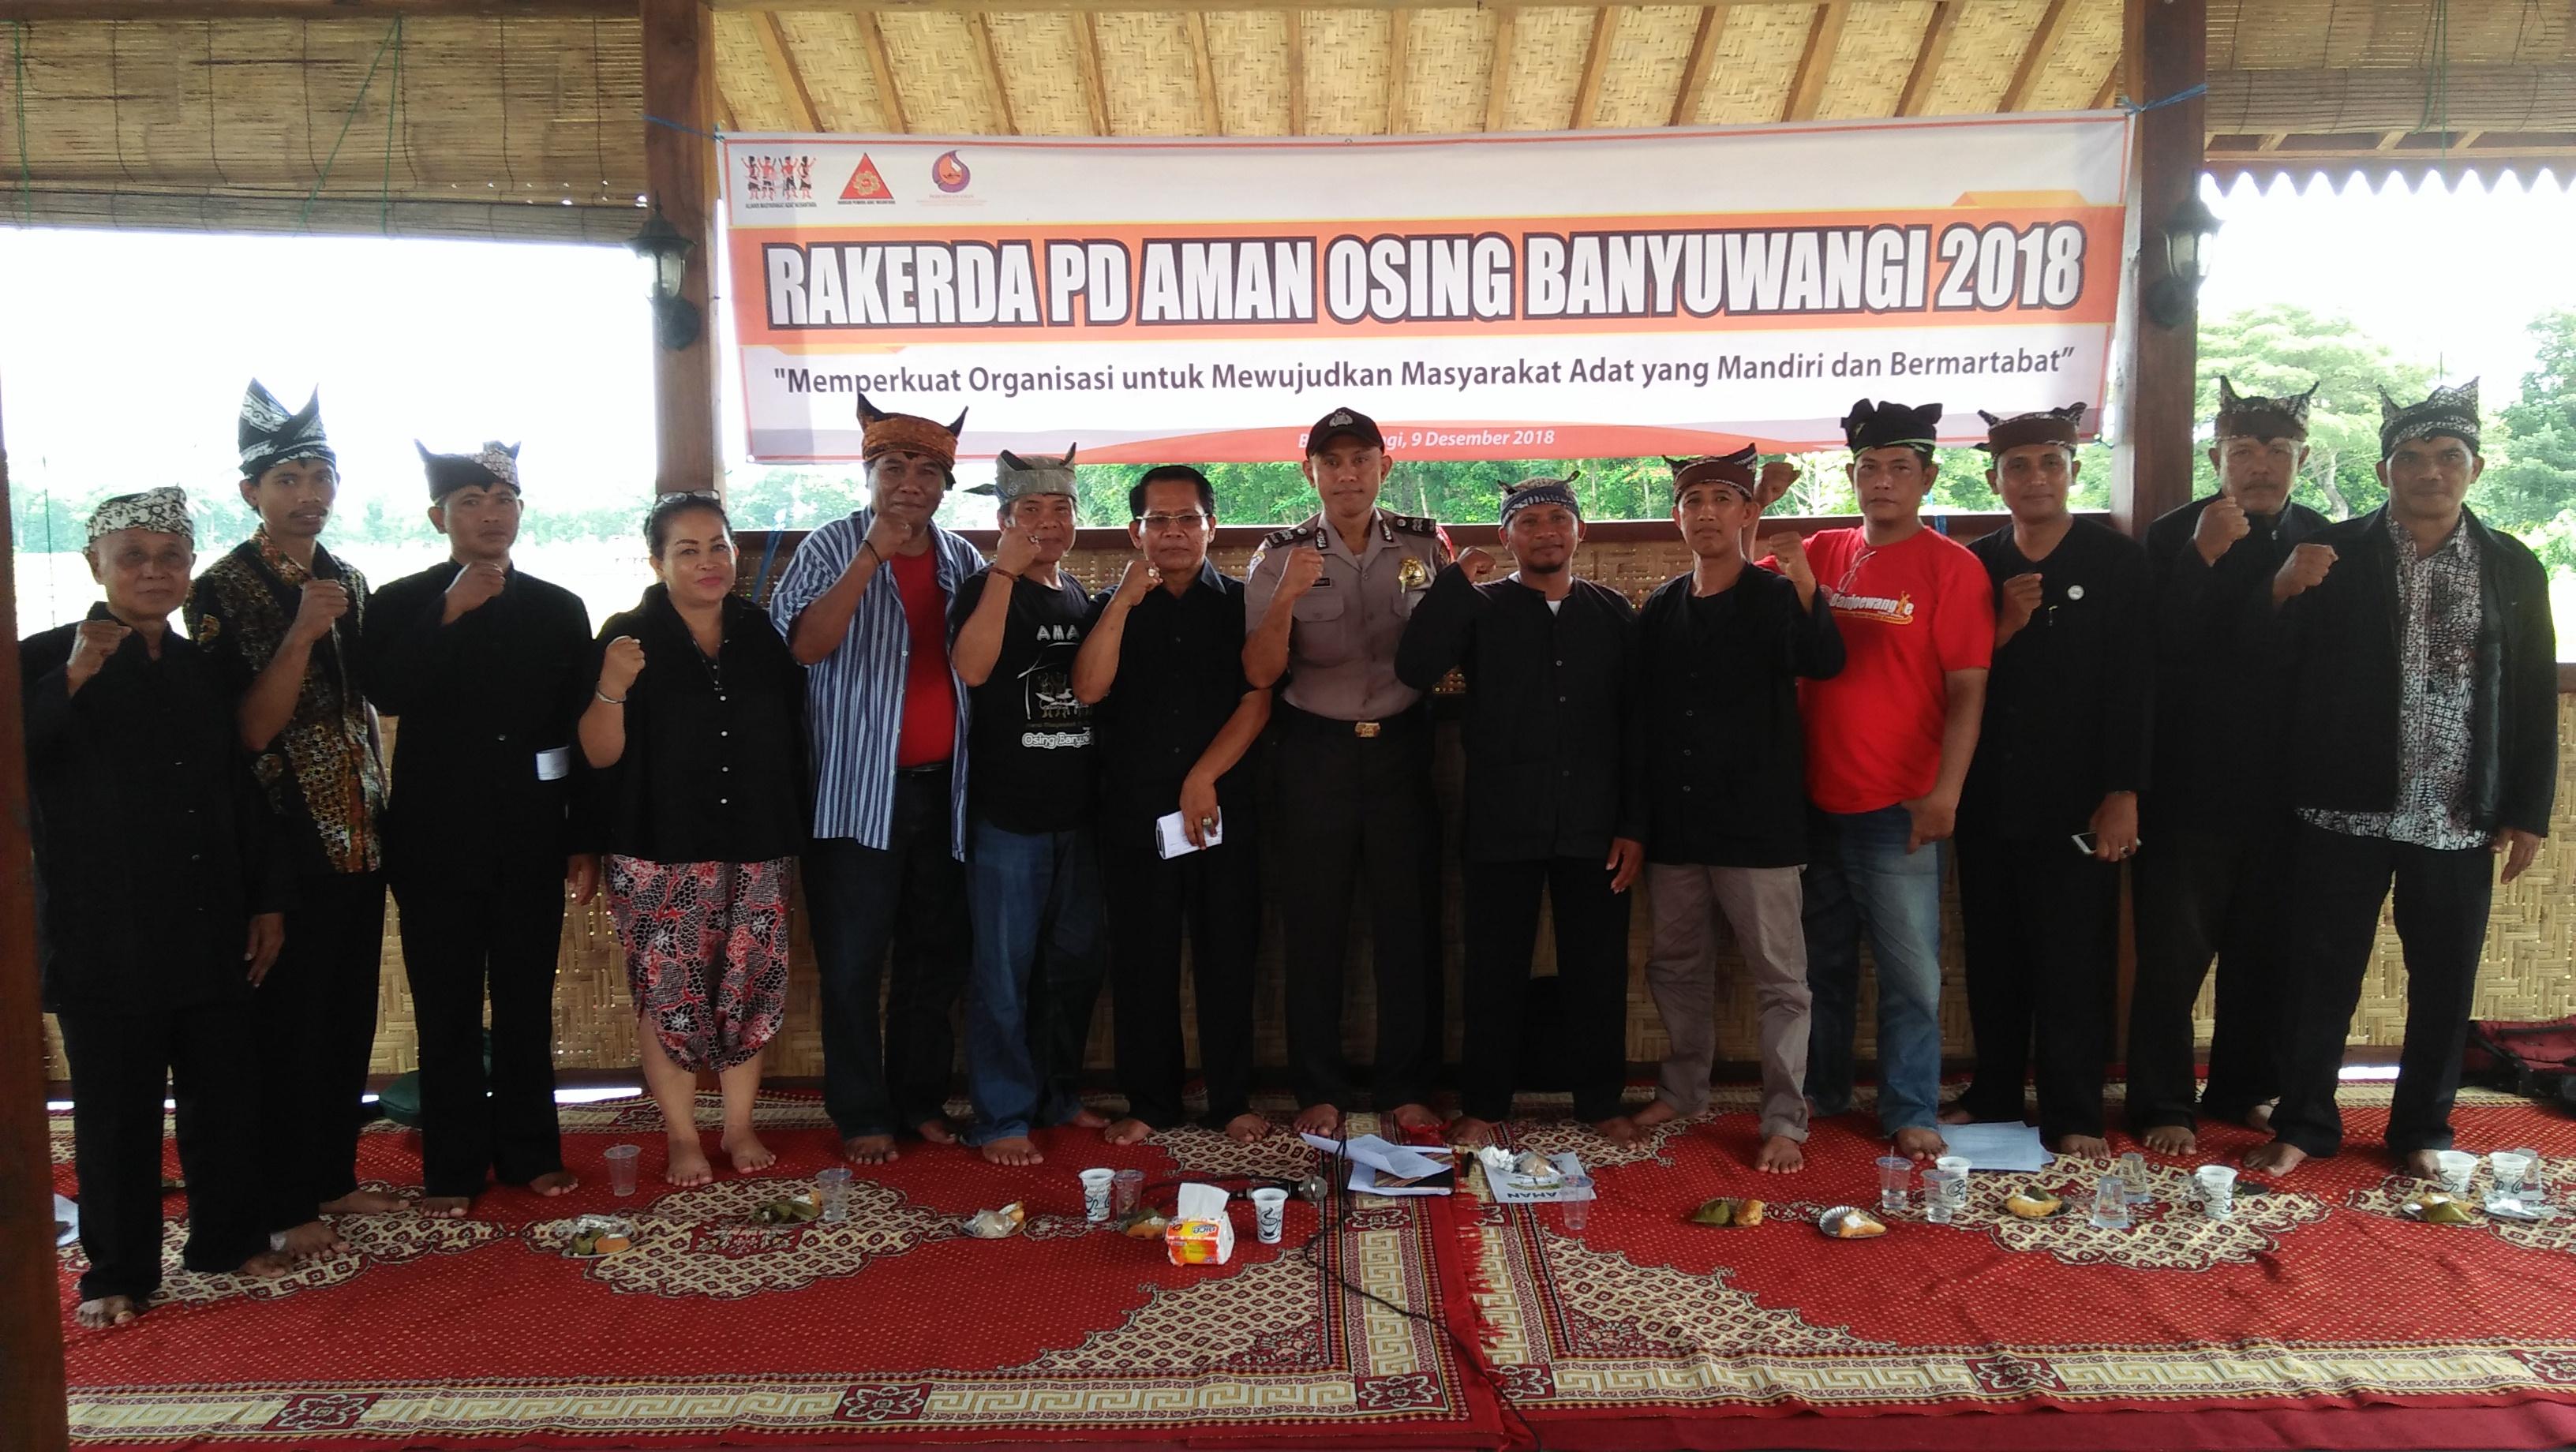 PD Osing Banyuwangi Membangun Kemandirian Ekonomi Melalui Komoditas Masyarakat Adat